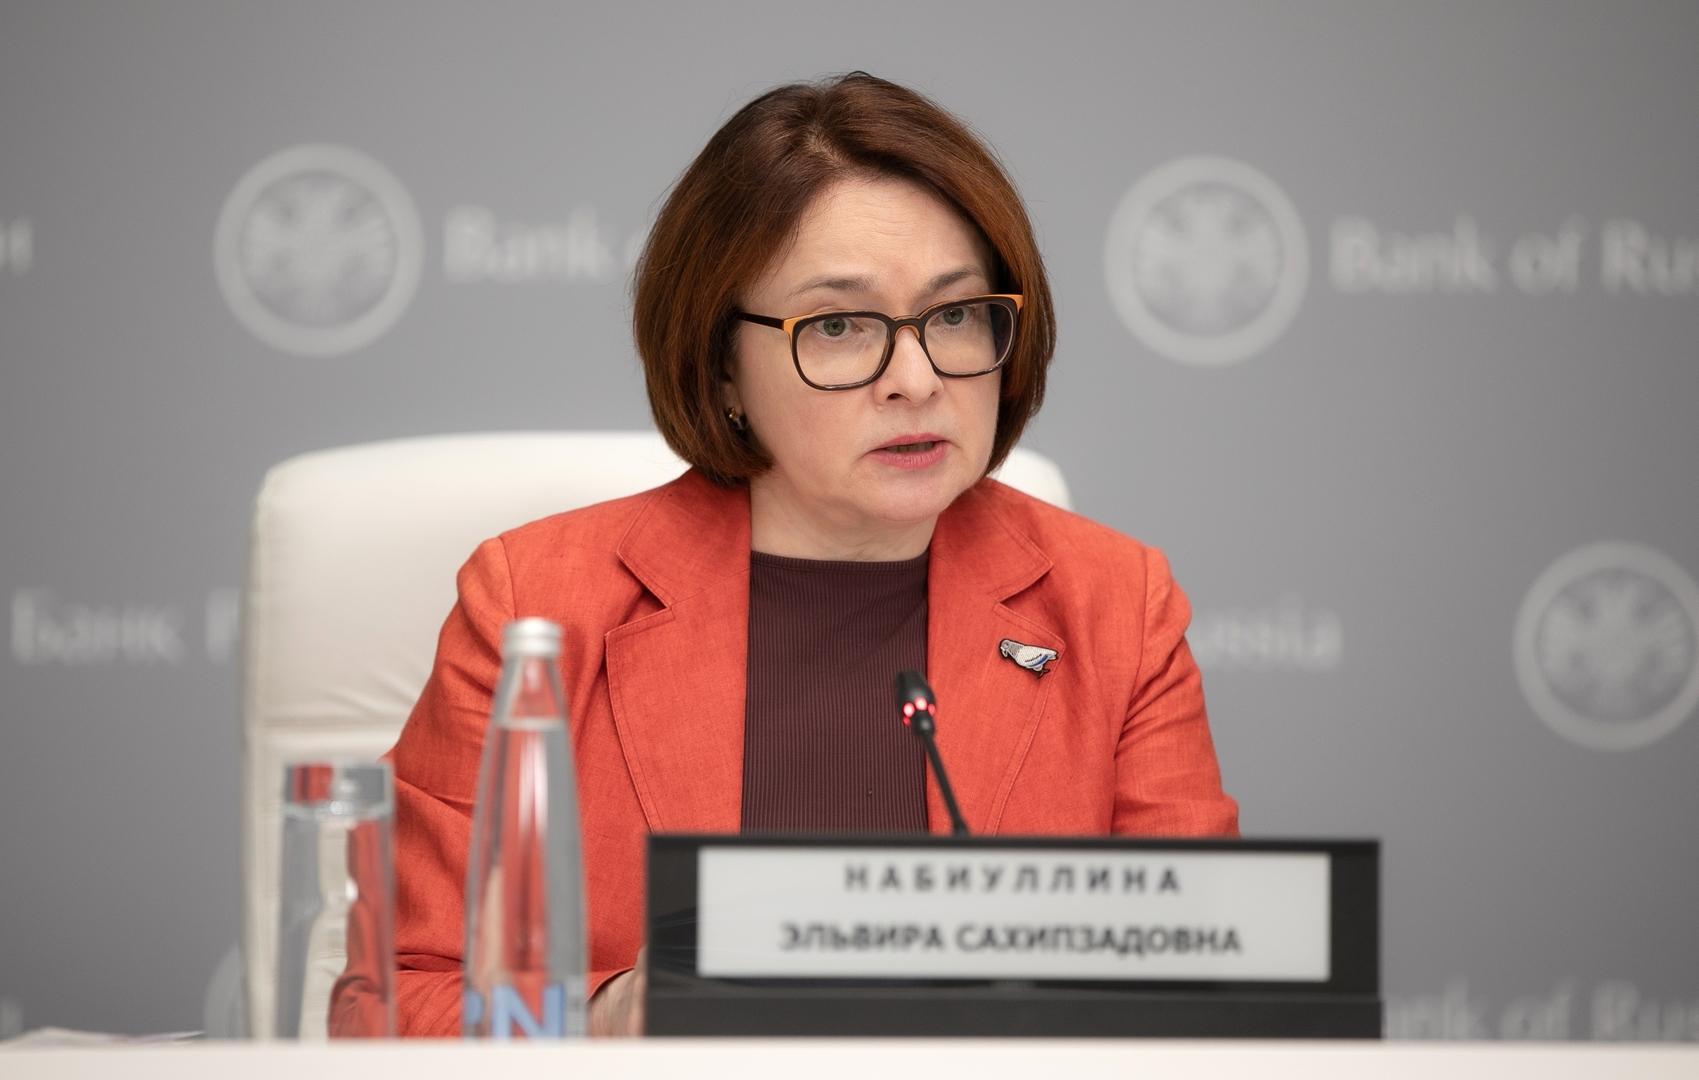 محافظة البنك المركزي الروسي إلفيرا نبيولينا